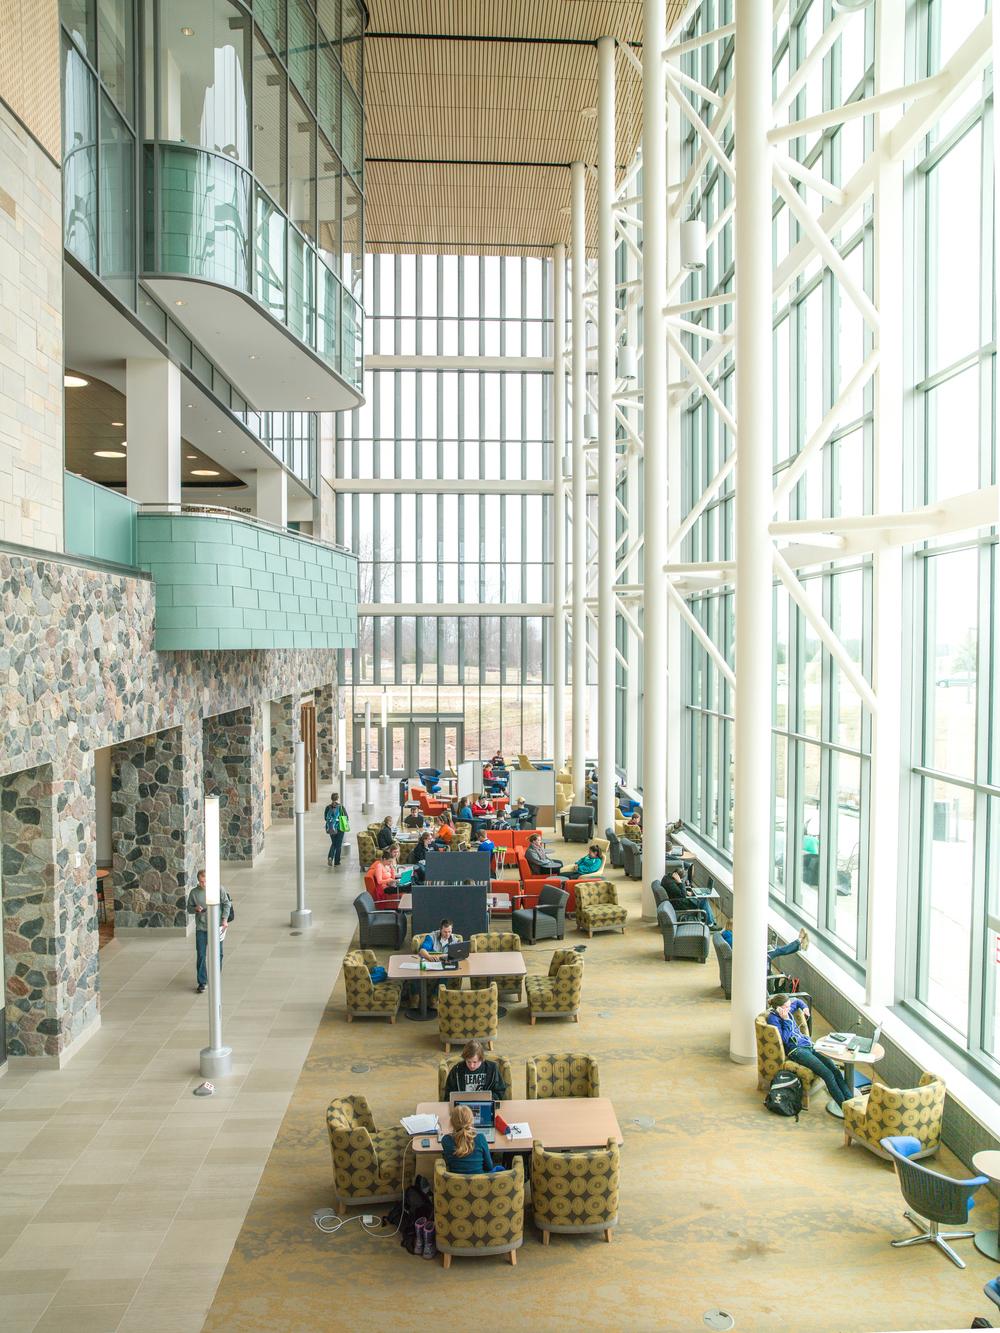 GVSU study area